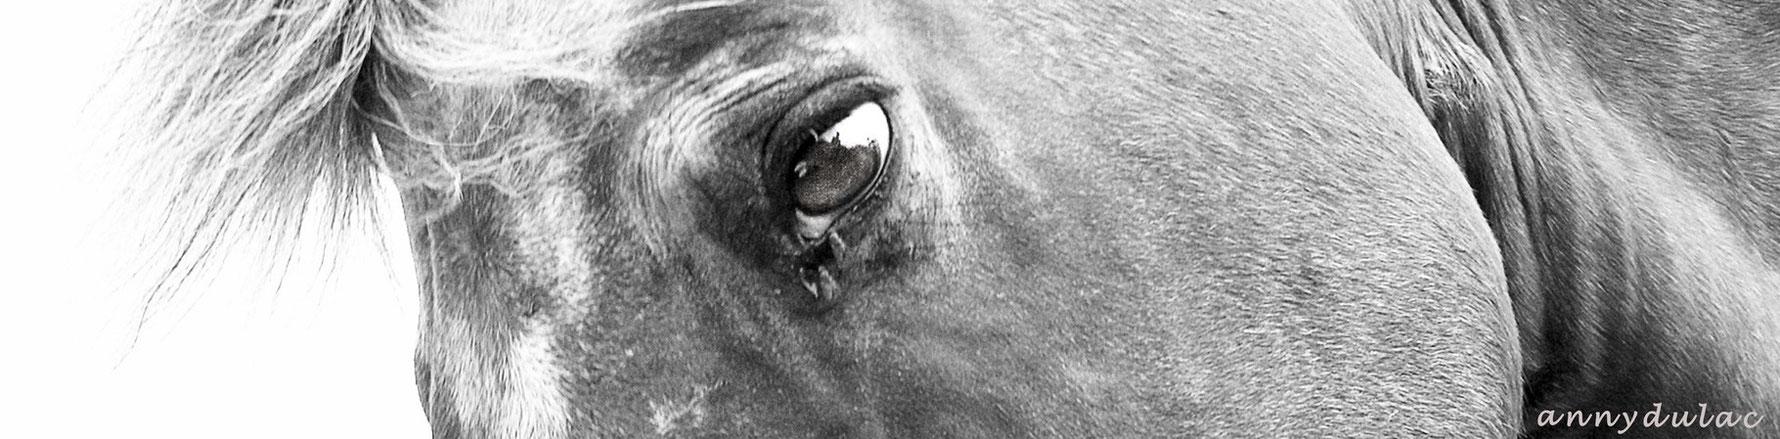 [SÉMINAIRE ANNULÉ 28 mars] Séminaire SFZ: Comment collaborer avec le cheval ? Signaux de communication et partenariat social, Patricia FAURE